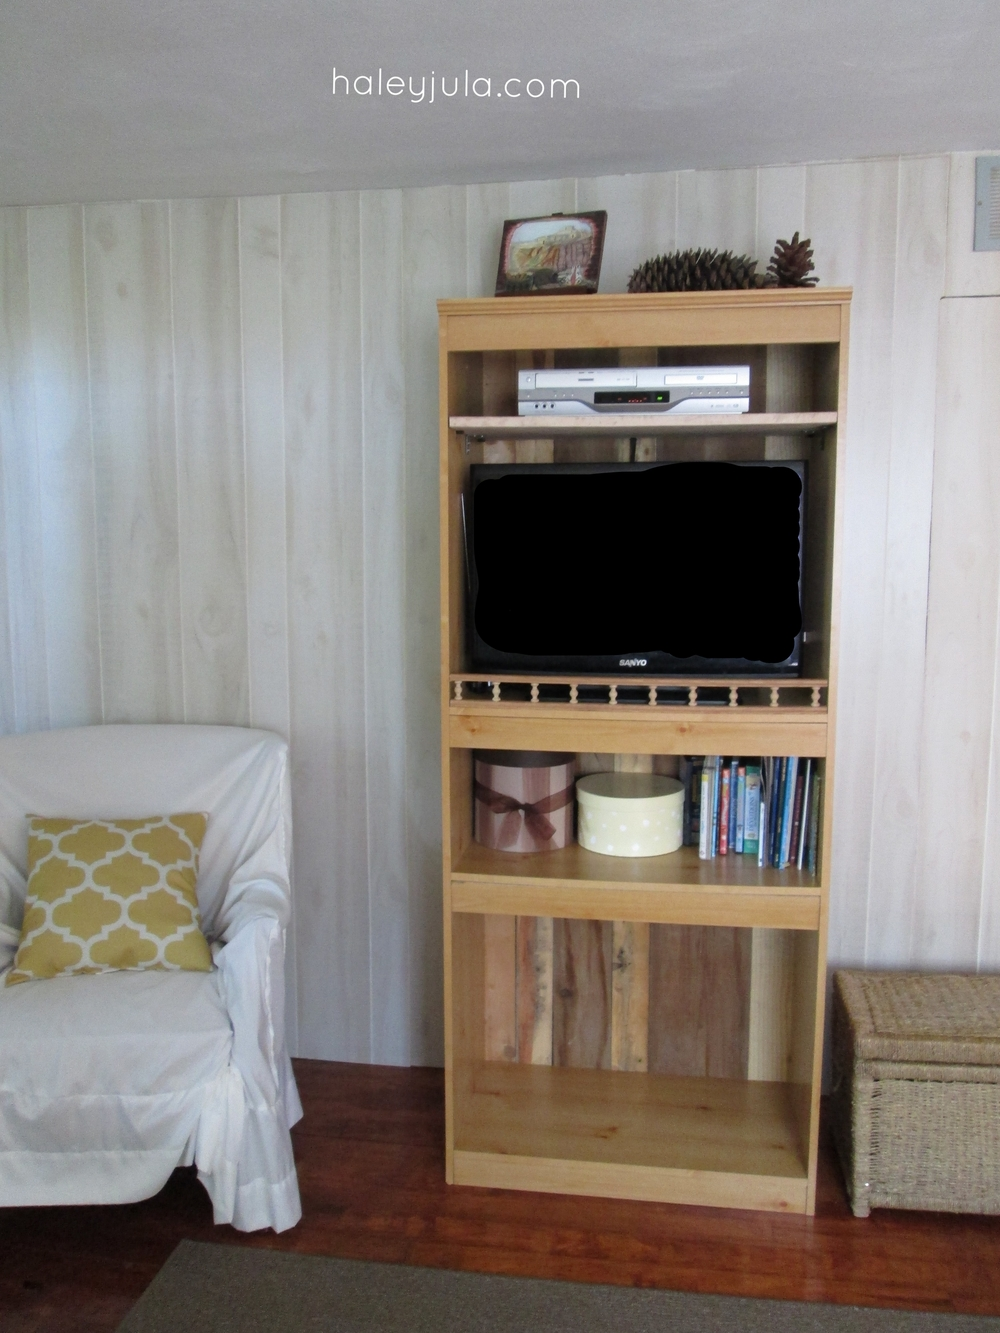 Inside holding the TV